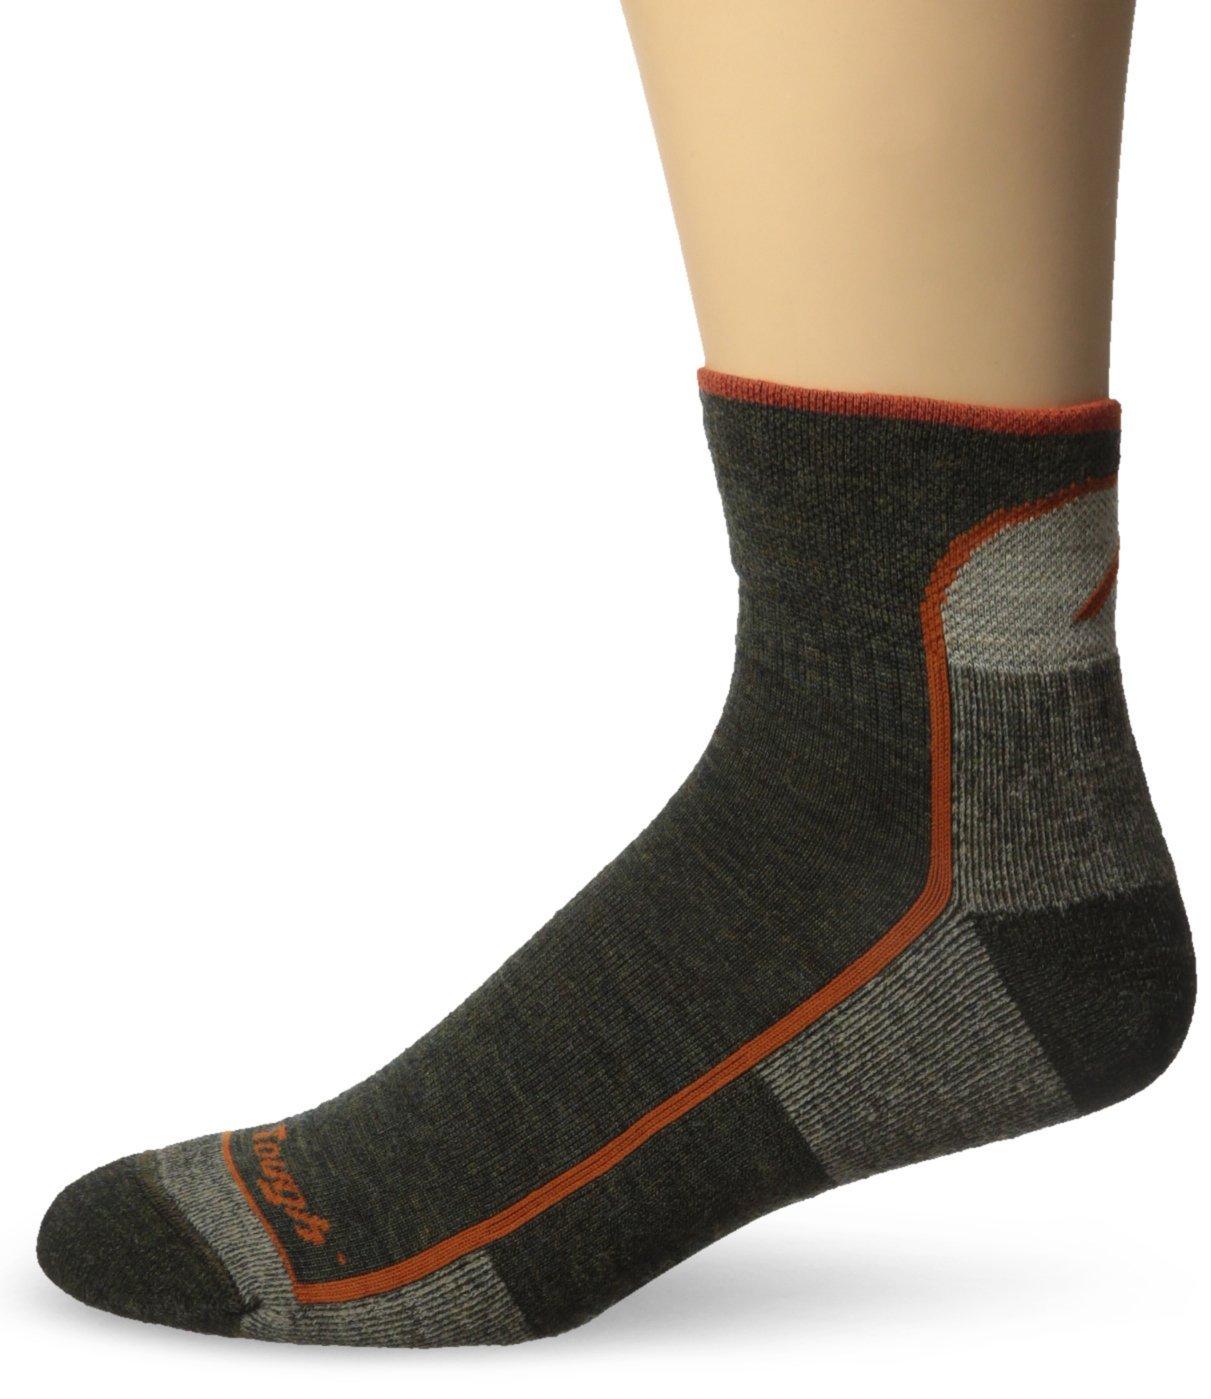 The Best Hiking Socks 2